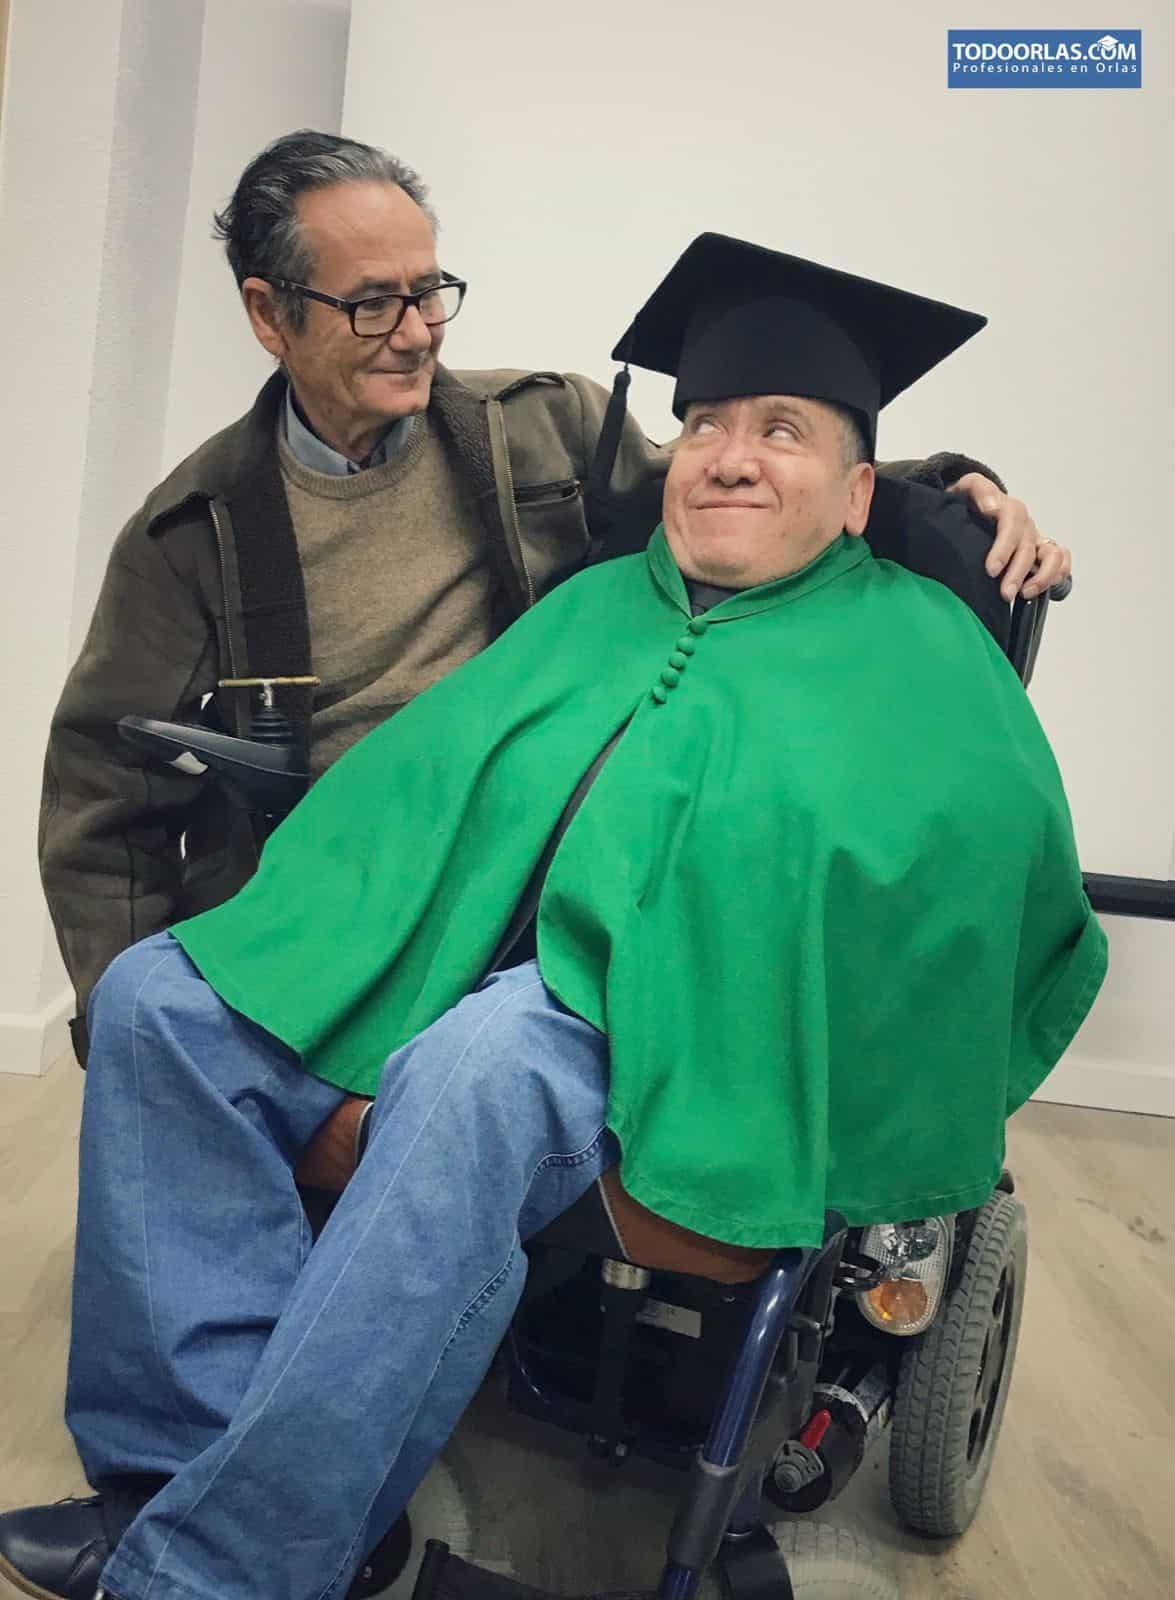 Juan José y su padre en la sesión de fotos